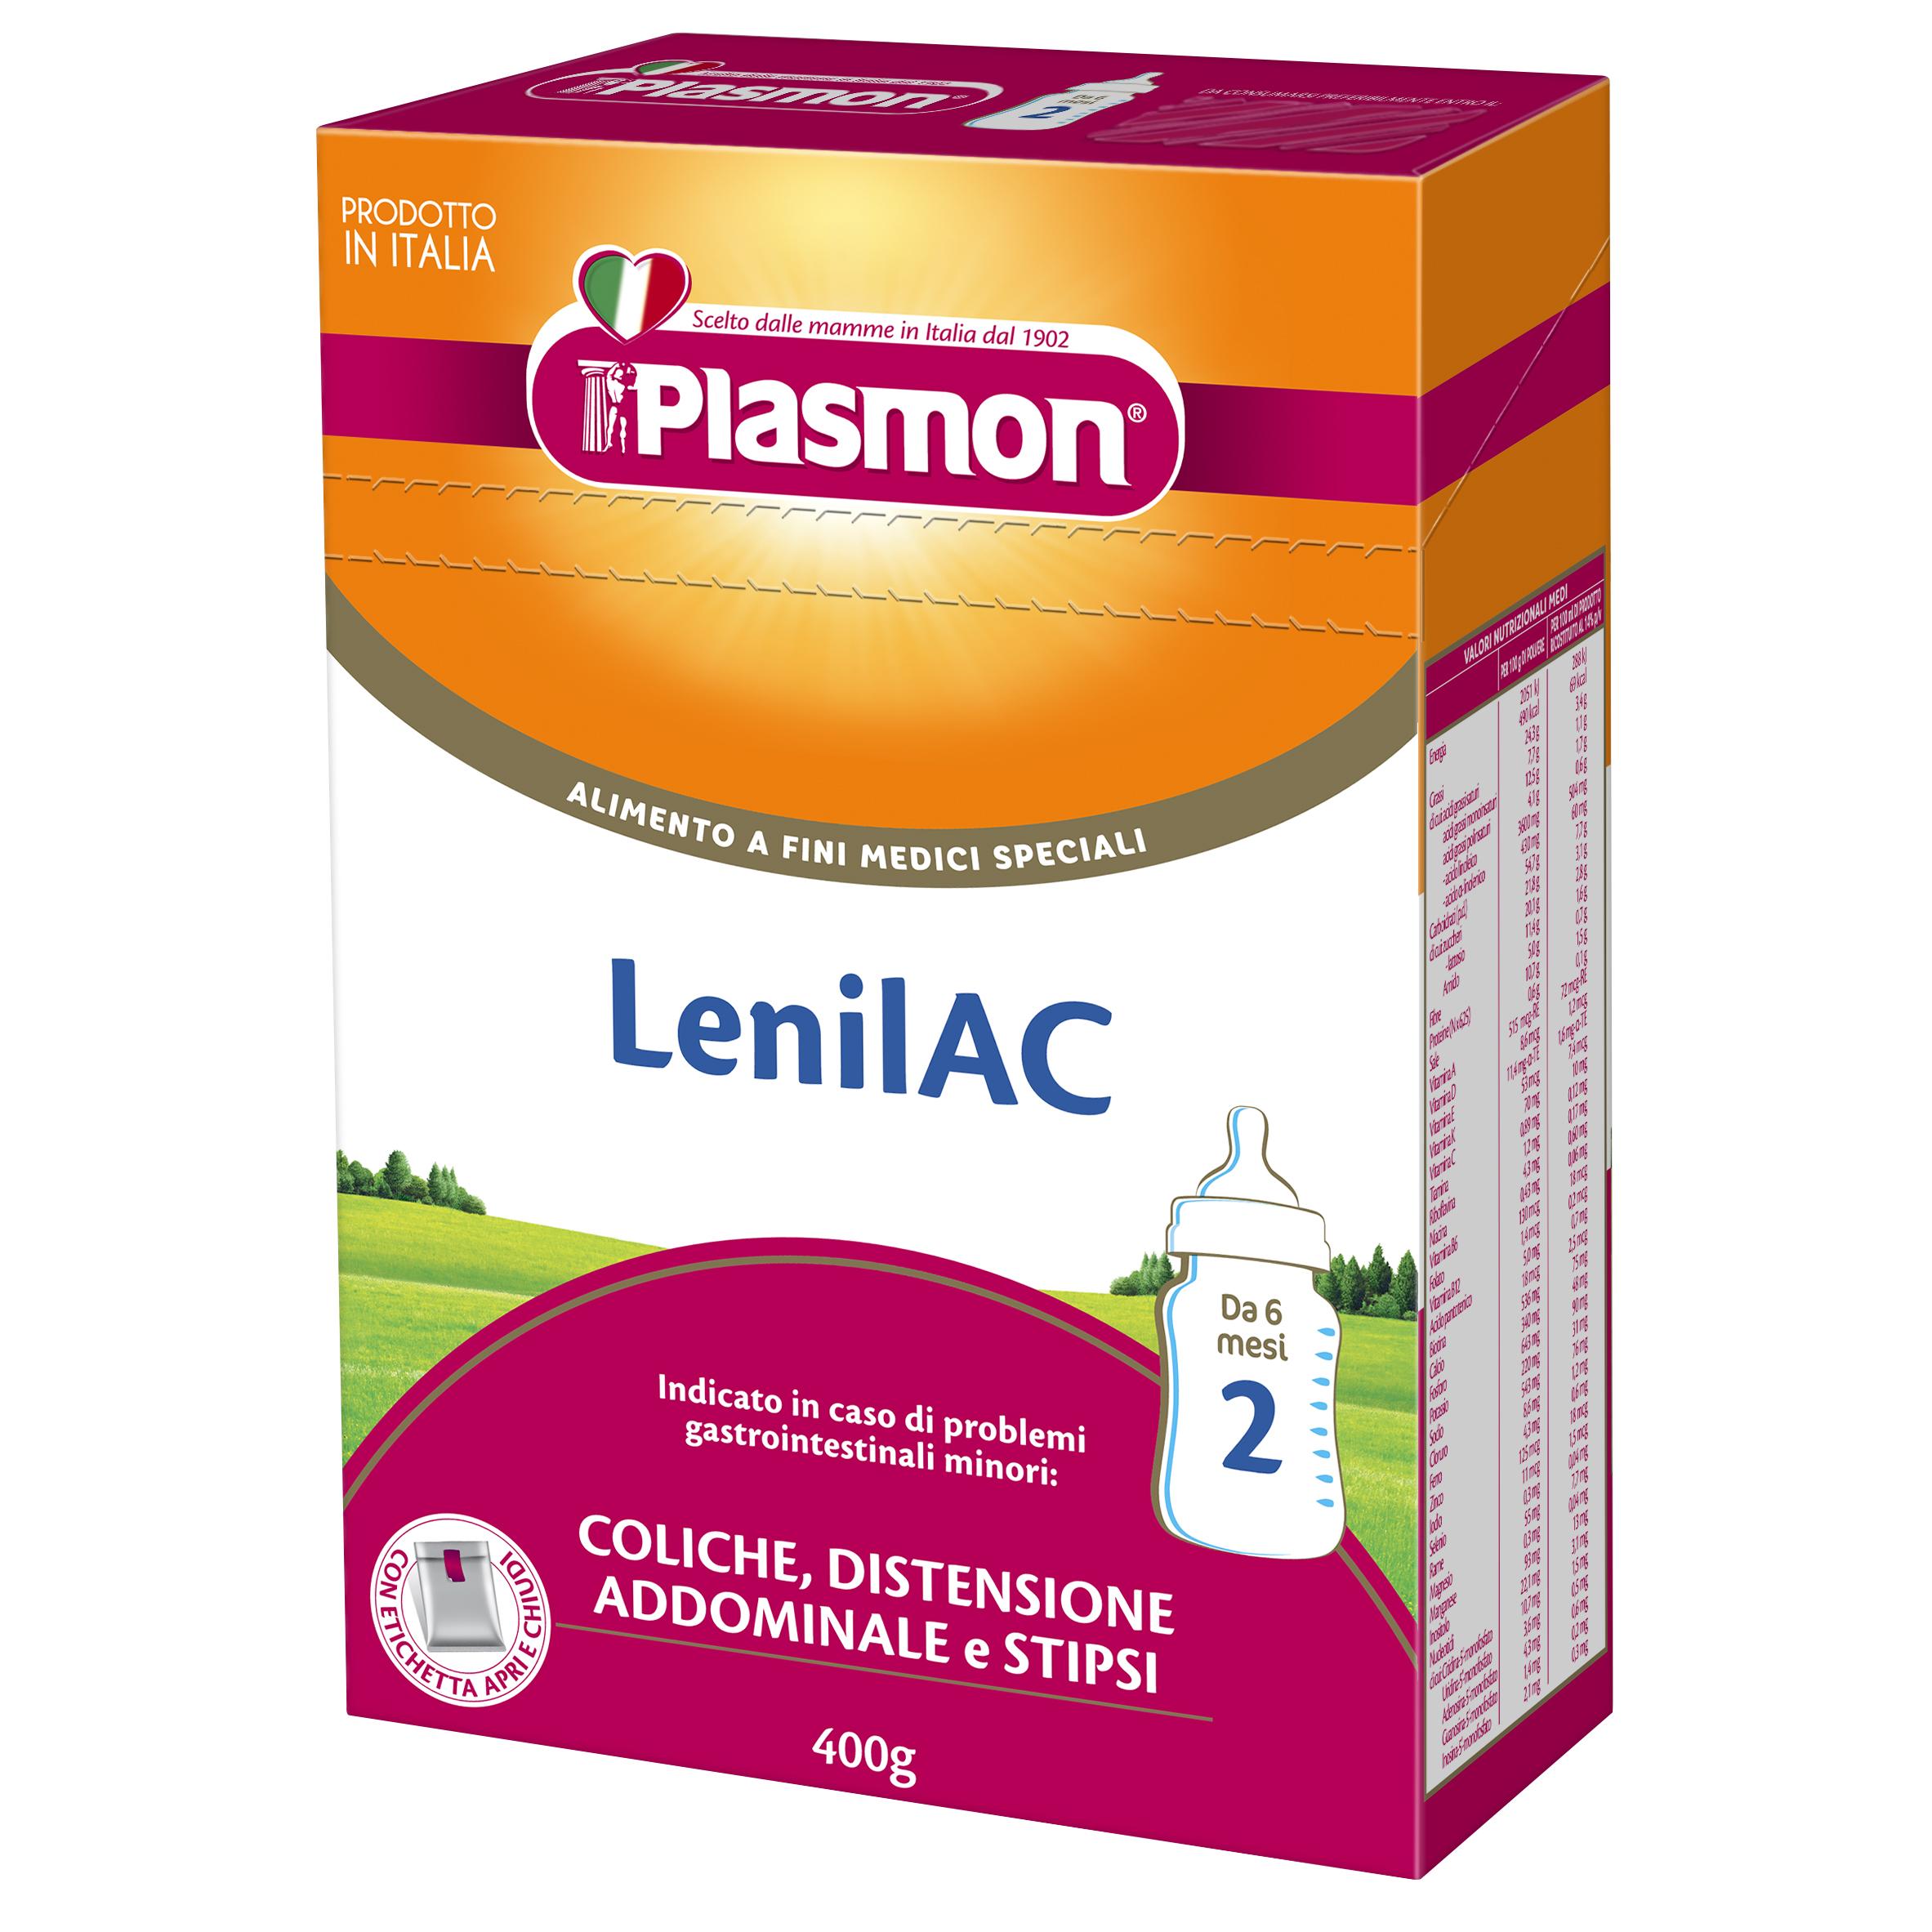 ДИЕТИЧНА ХРАНА ЗА СПЕЦИАЛНИ МЕДИЦИНСКИ ЦЕЛИ PLASMON® LenilAC 2